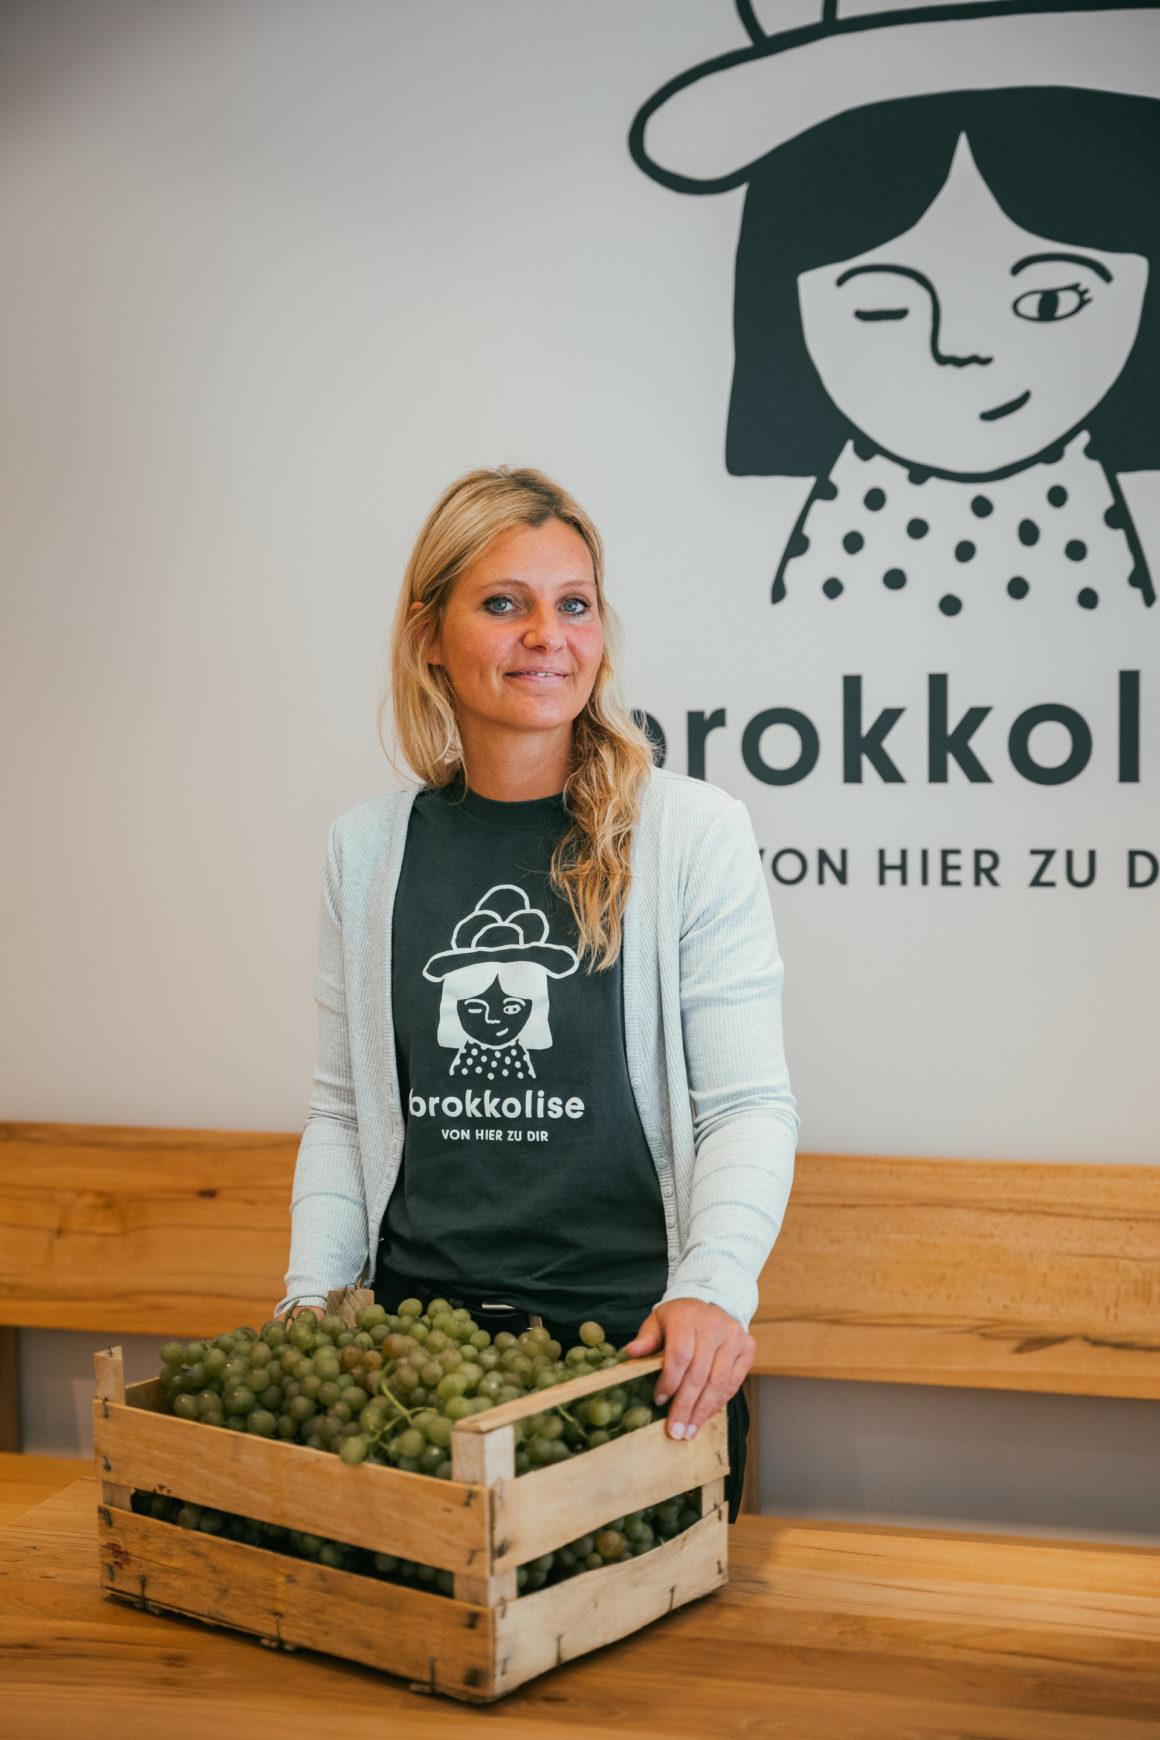 Brokkolise inklusiver Bio-Markt in Waldkirch